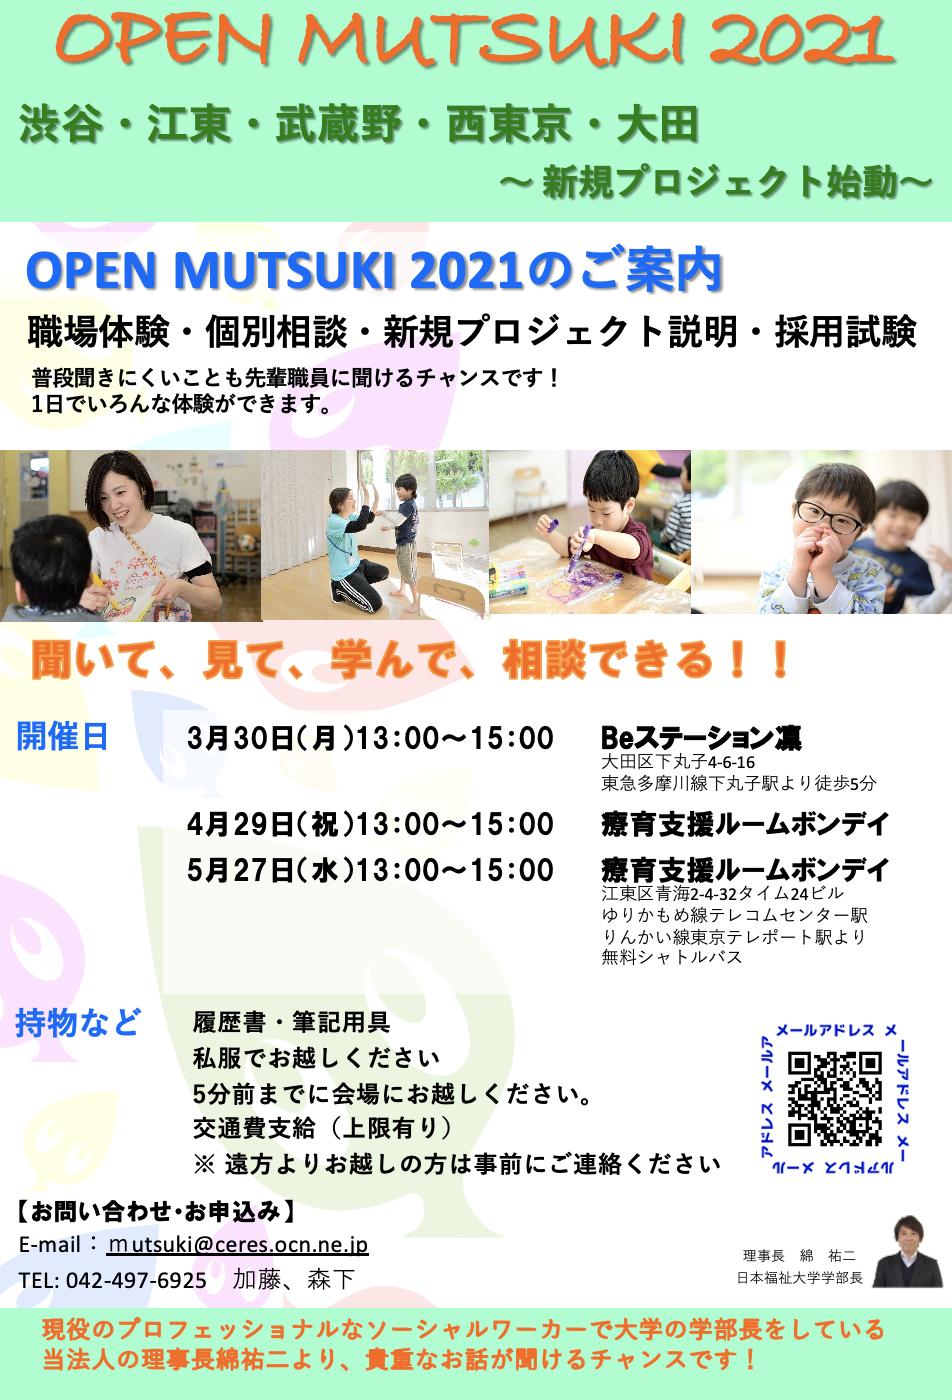 記事 3月30日は【OPEN MUTSUKI 2021】の開催日です!!のアイキャッチ画像